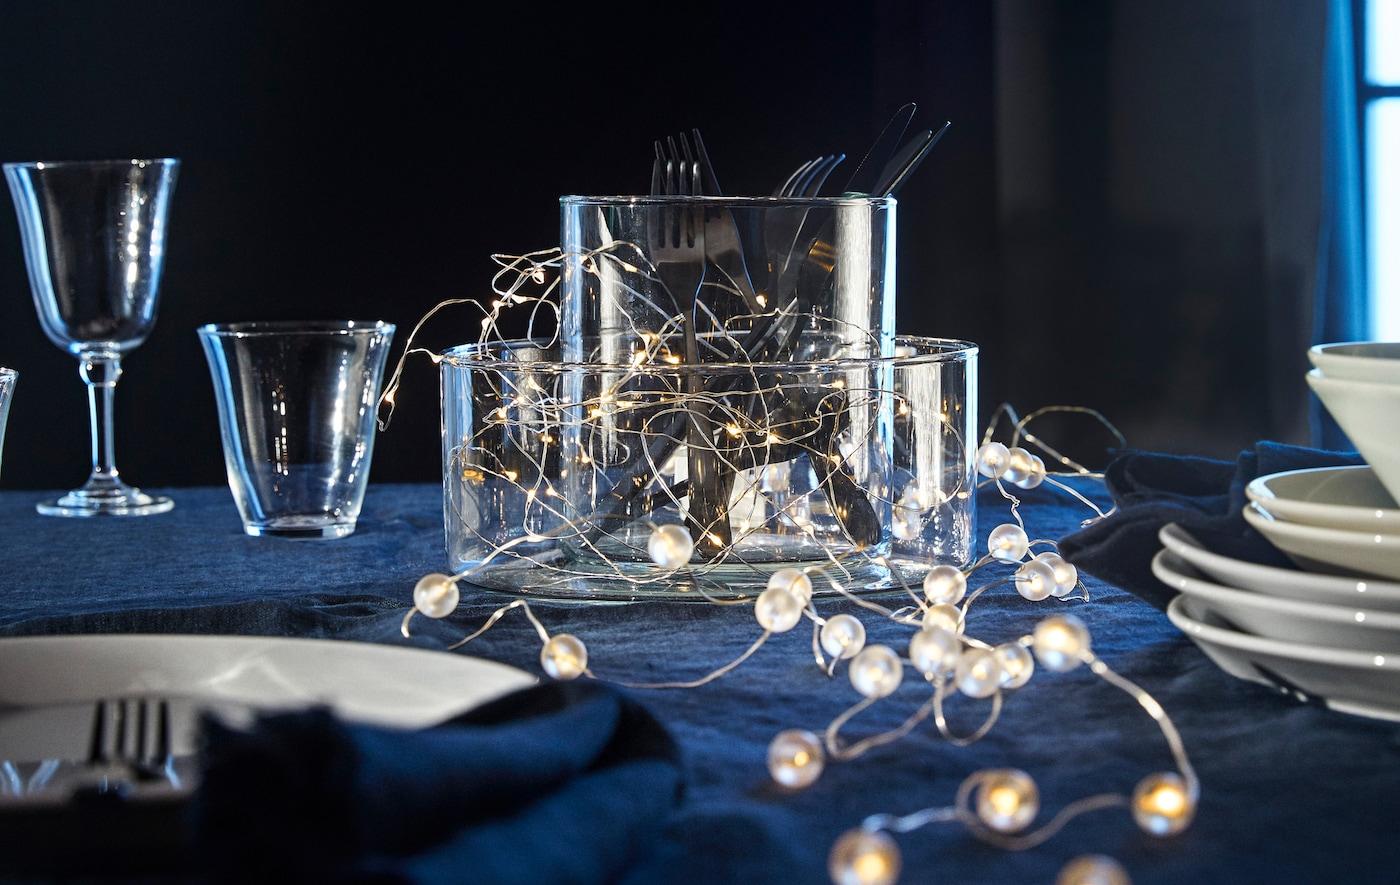 Un par de cadenas de iluminación LED de IKEA SNÖYRA yacen sobre una mesa entre vasos, vasos y platos.